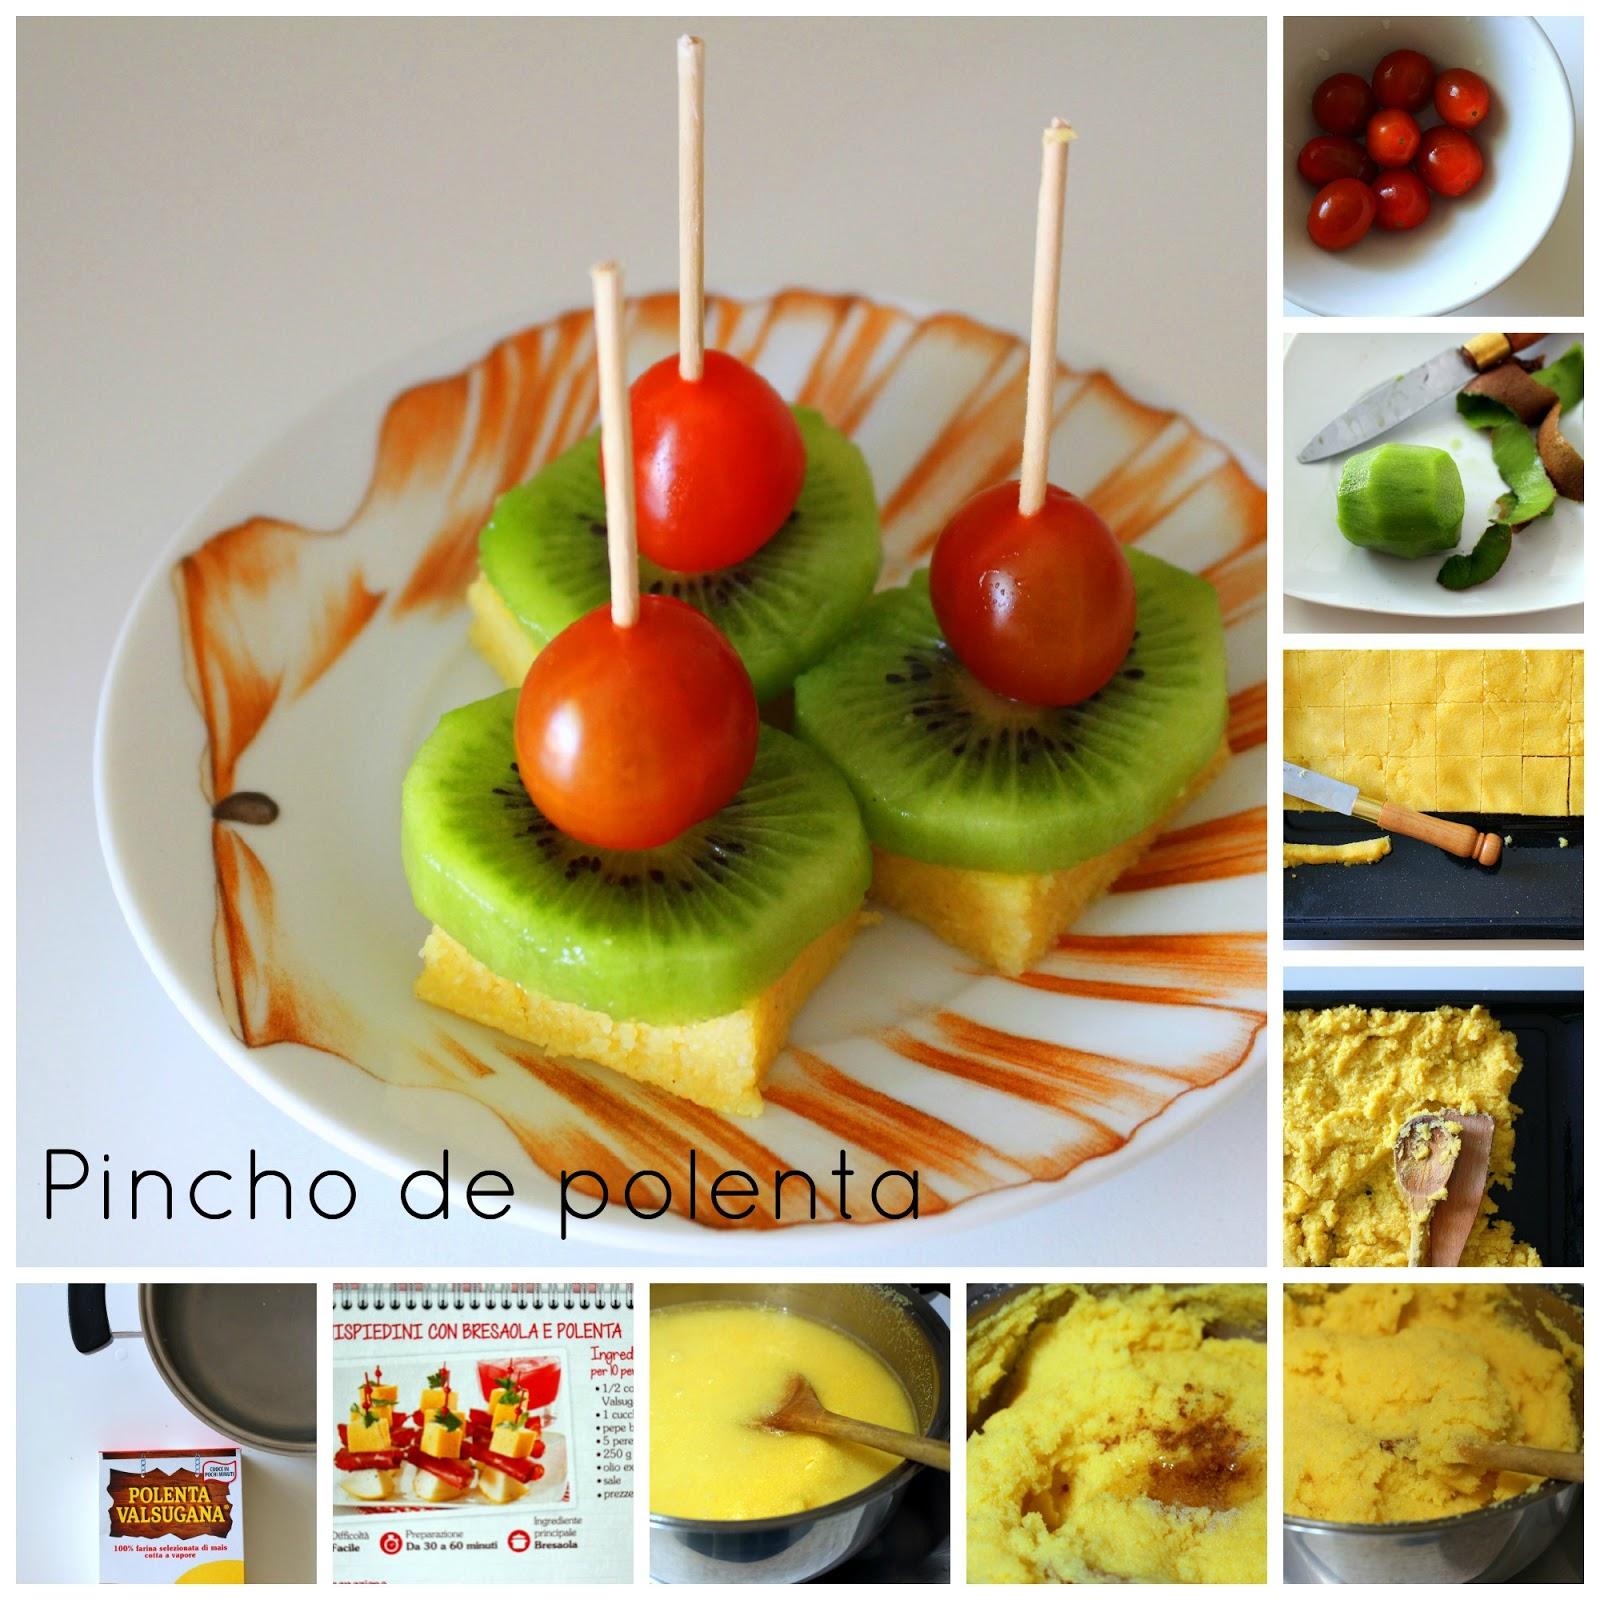 El fest n de marga pincho fr o de polenta dos aperitivos for Canapes faciles y ricos